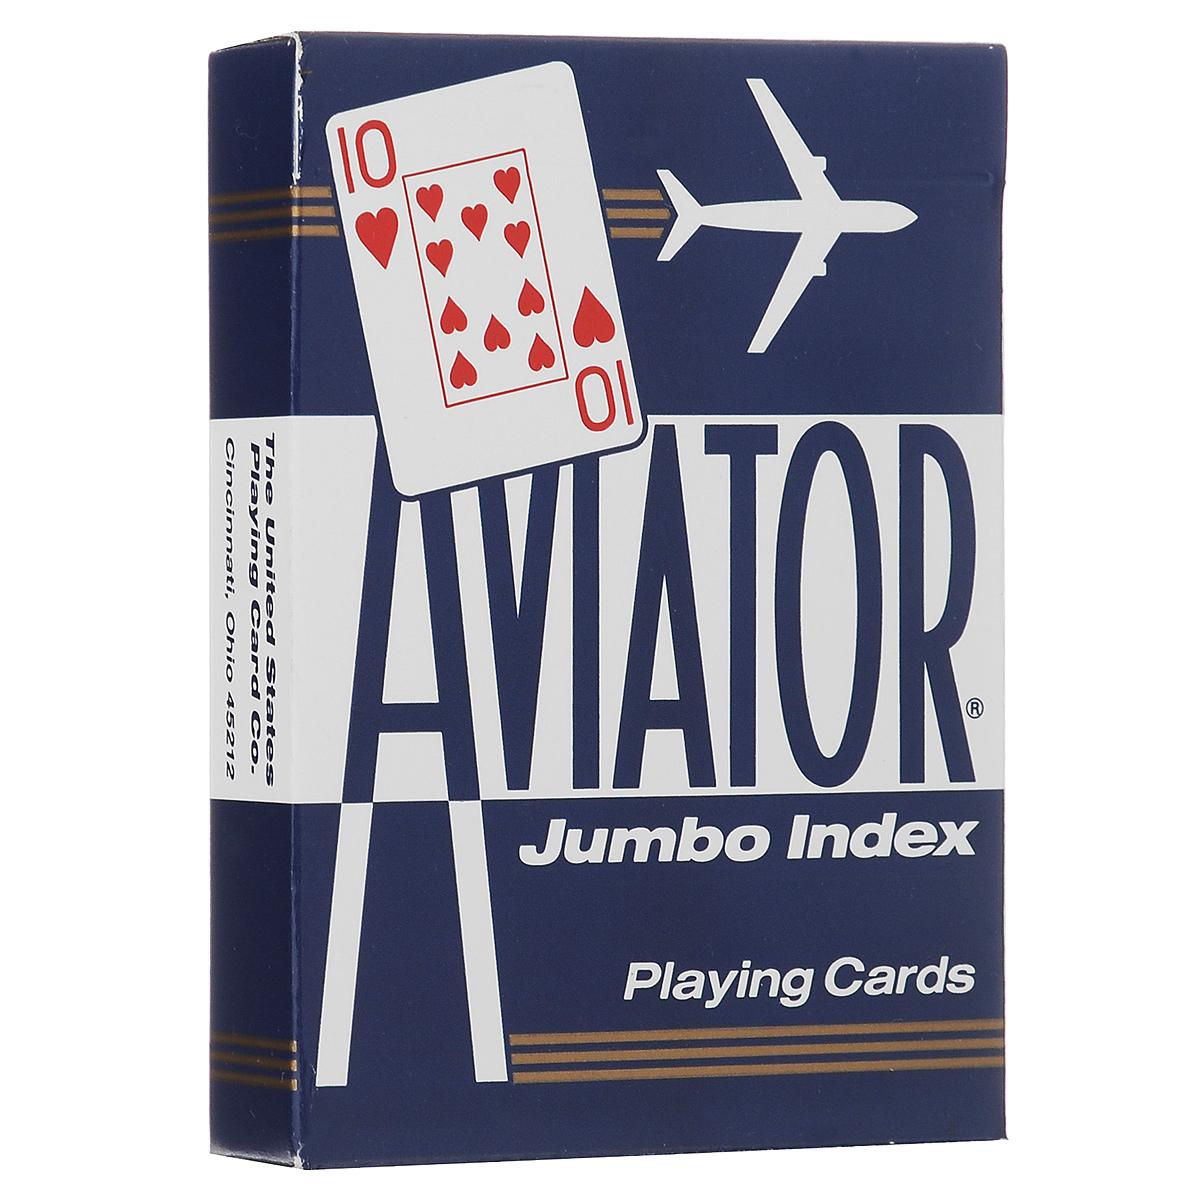 Карты игральные Aviator, покерный размер, большой индекс, цвет: синий, 55 штК-151Игральные карты Aviator - самые недорогие и одни из самых популярных колод. Индексы на этих картах больше обычных, поэтому они видны с большего расстояния.